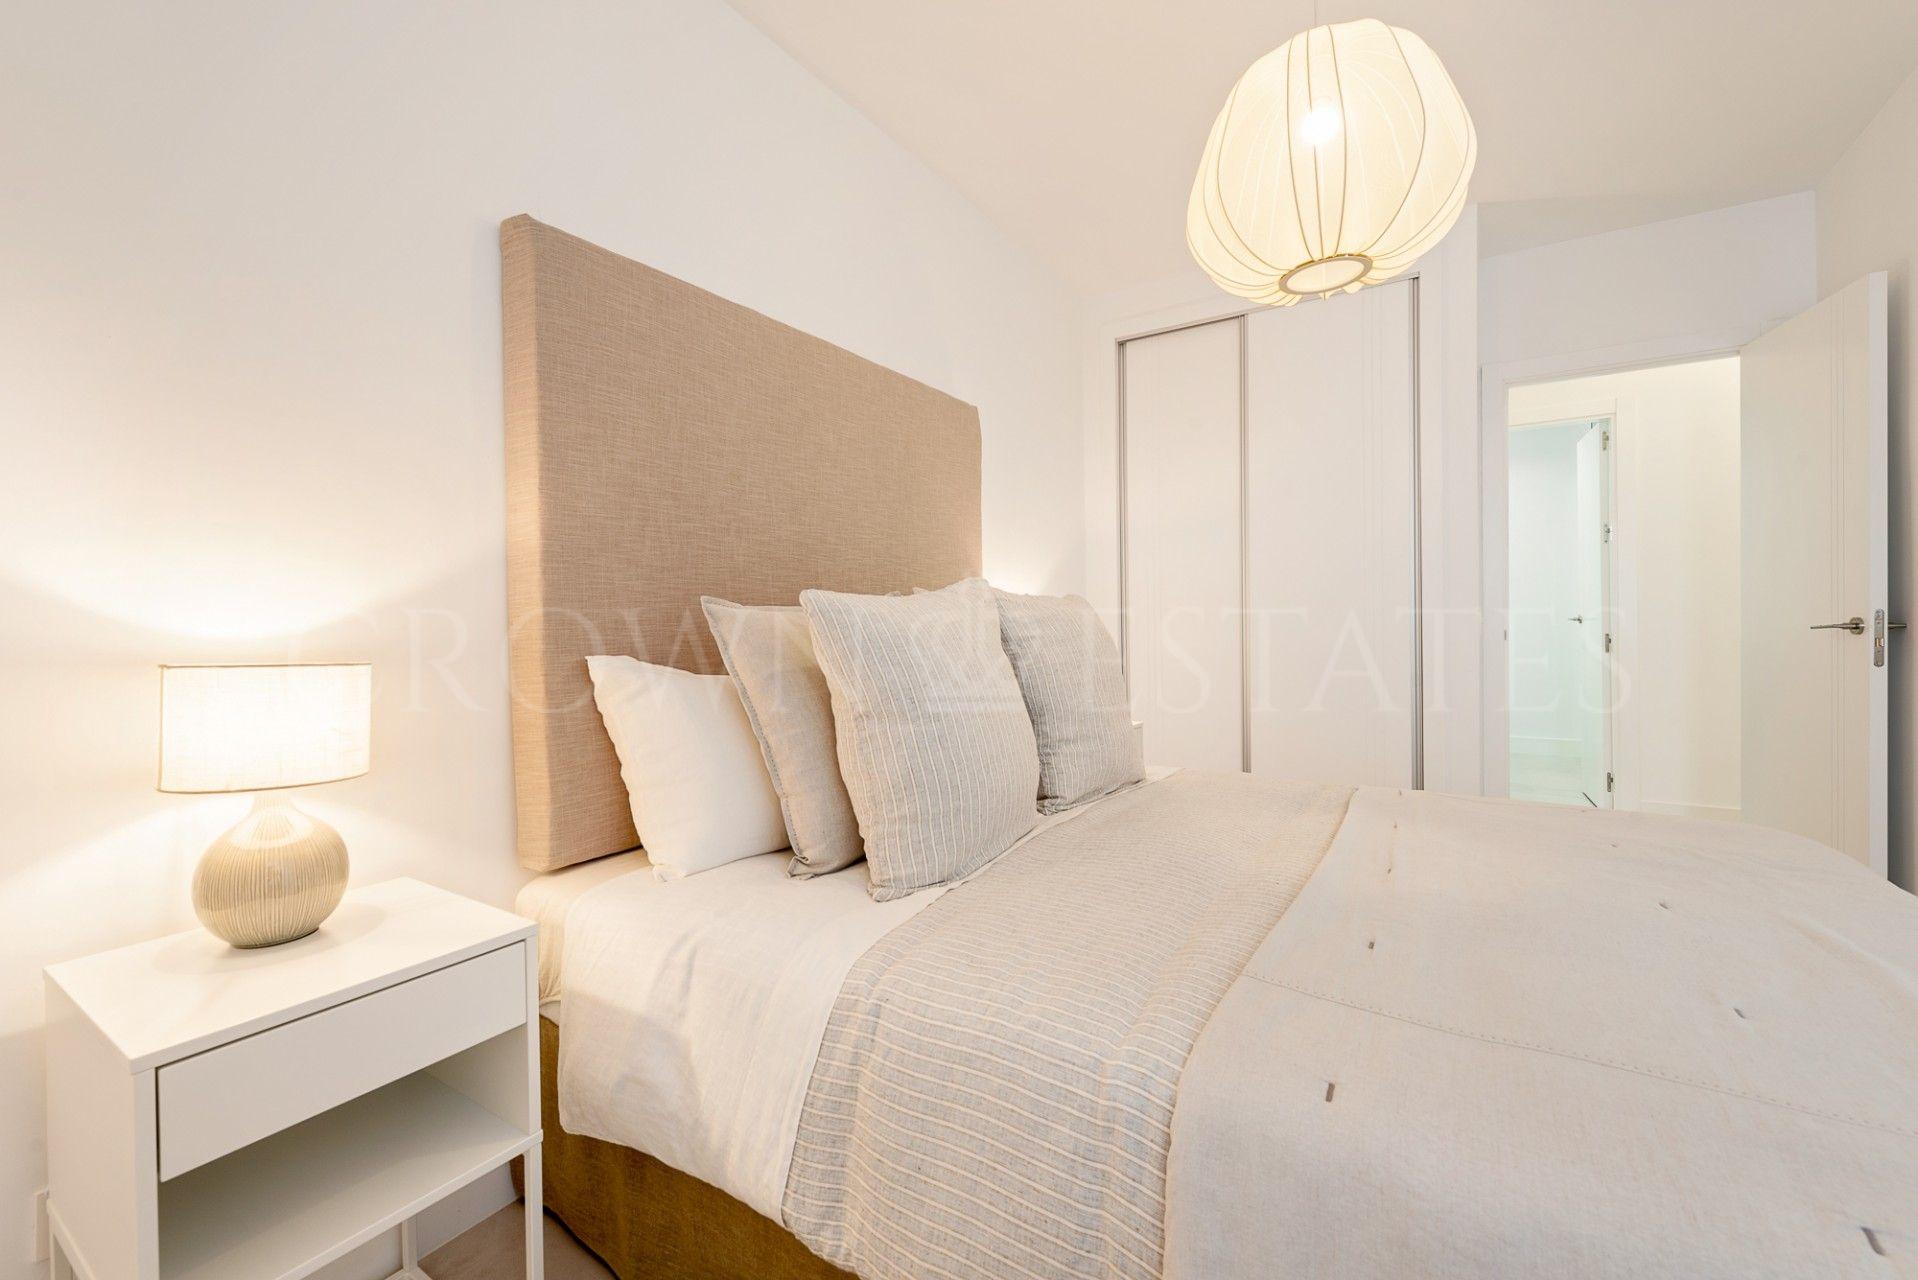 Duplex for sale in Nueva Andalucia, Marbella